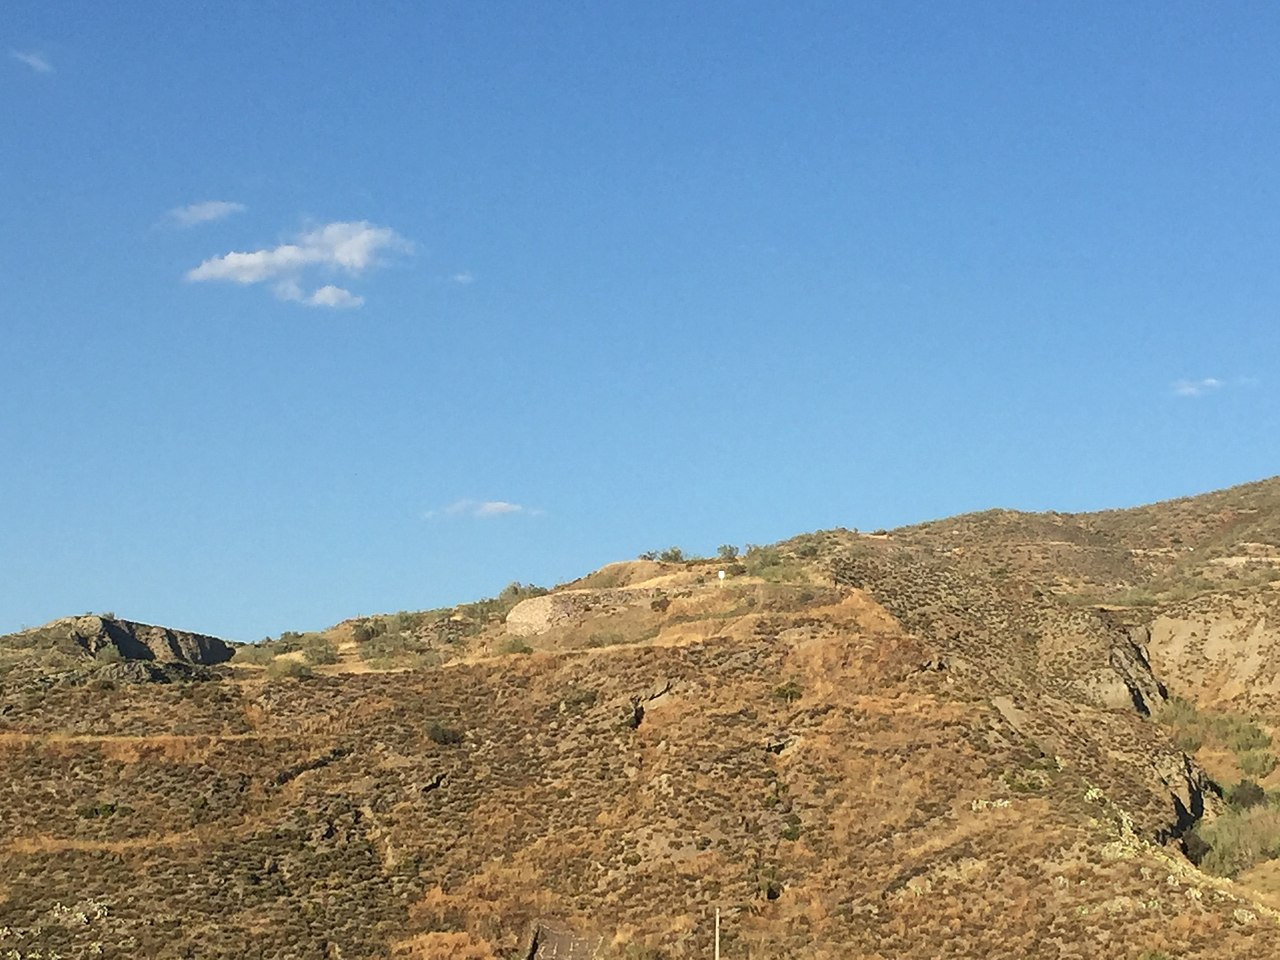 Vista del Cerro de la Encina